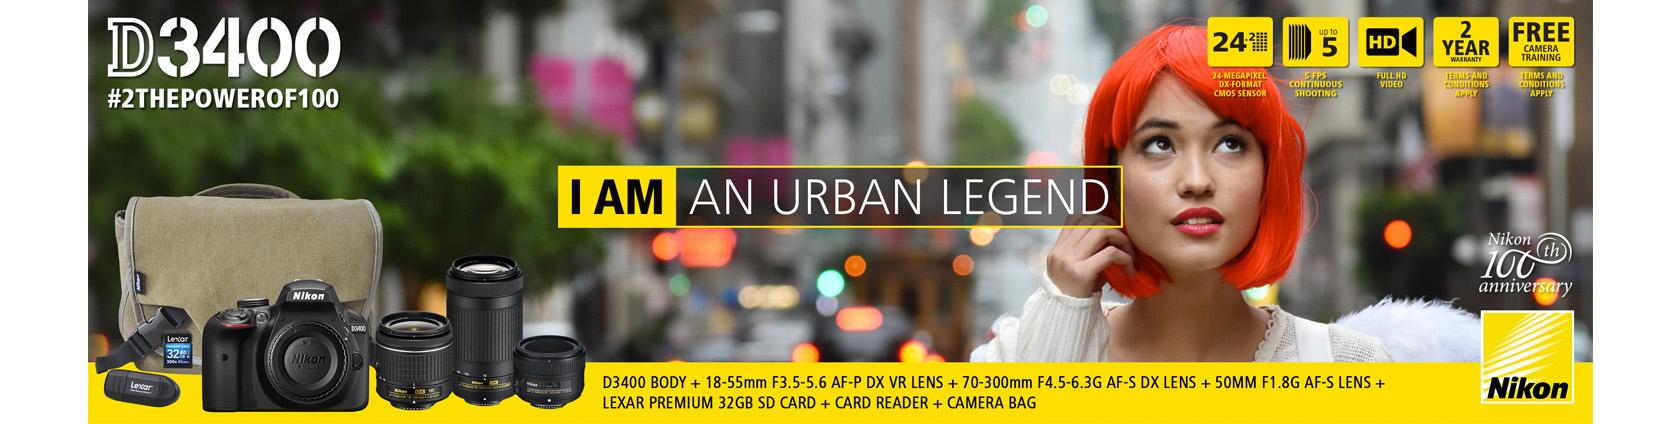 Nikon #2ThePowerOf100 Promotion